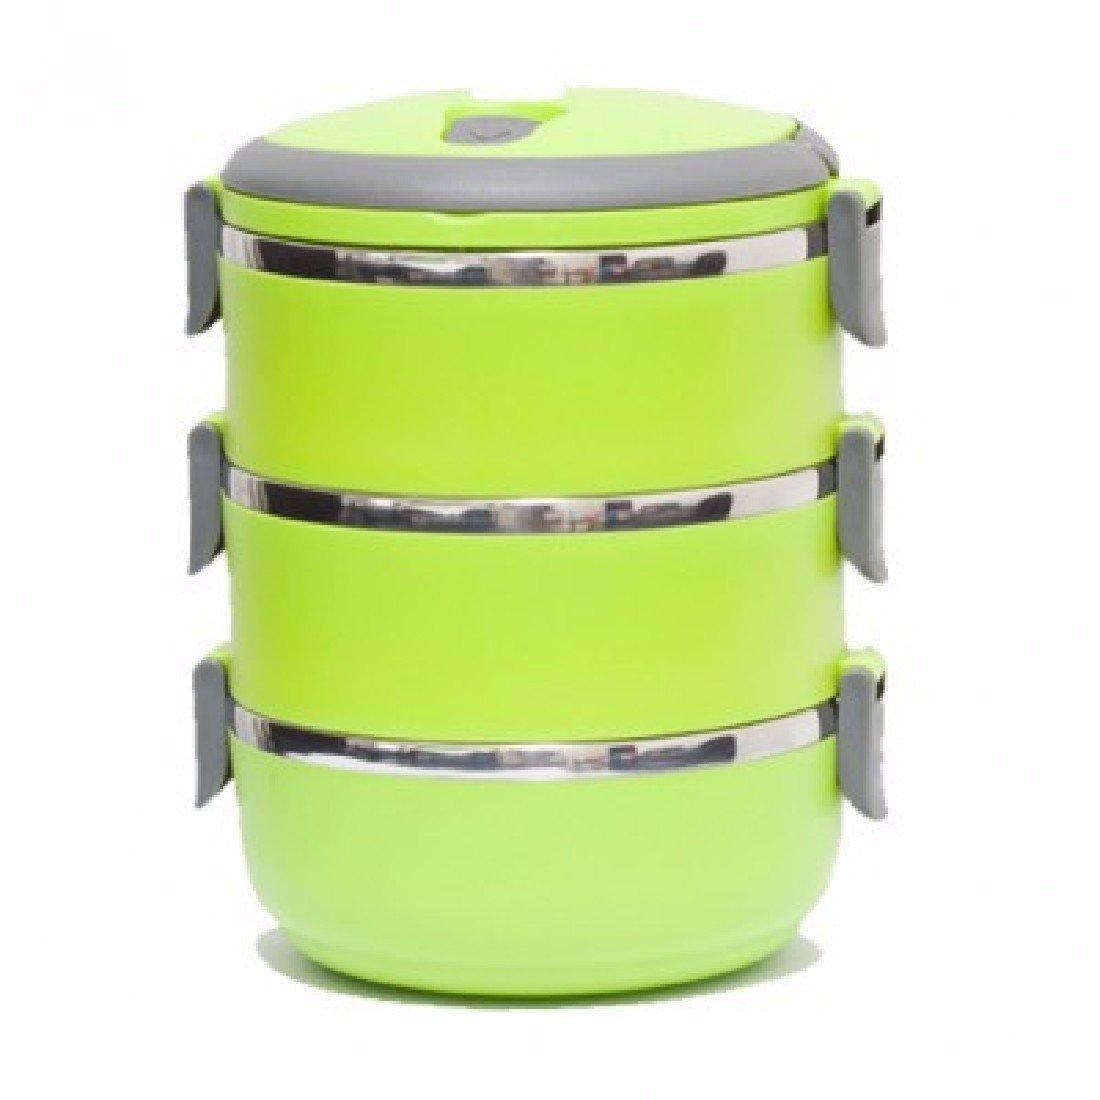 SDKKY Edelstahl-dreistufiges Vakuum Isolations-Lunch-Boxen, Runde kreative japanische Studenten Lunch-Boxen,Grün